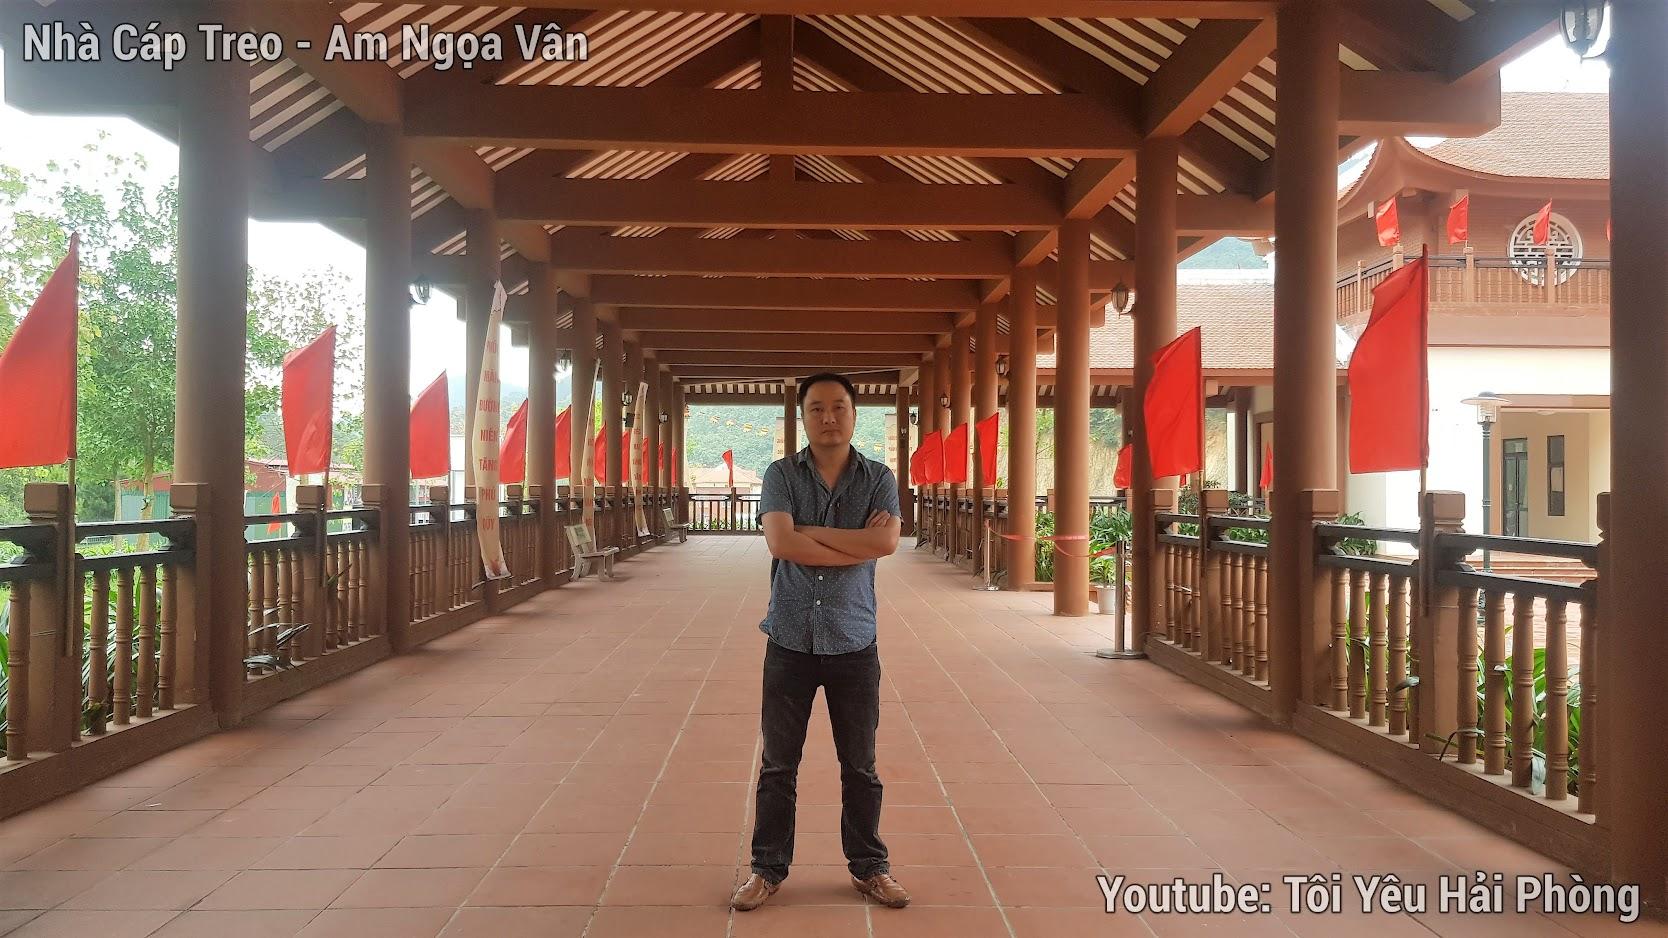 Leo núi tại Am Ngọa Vân đông chiều quảng ninh 9